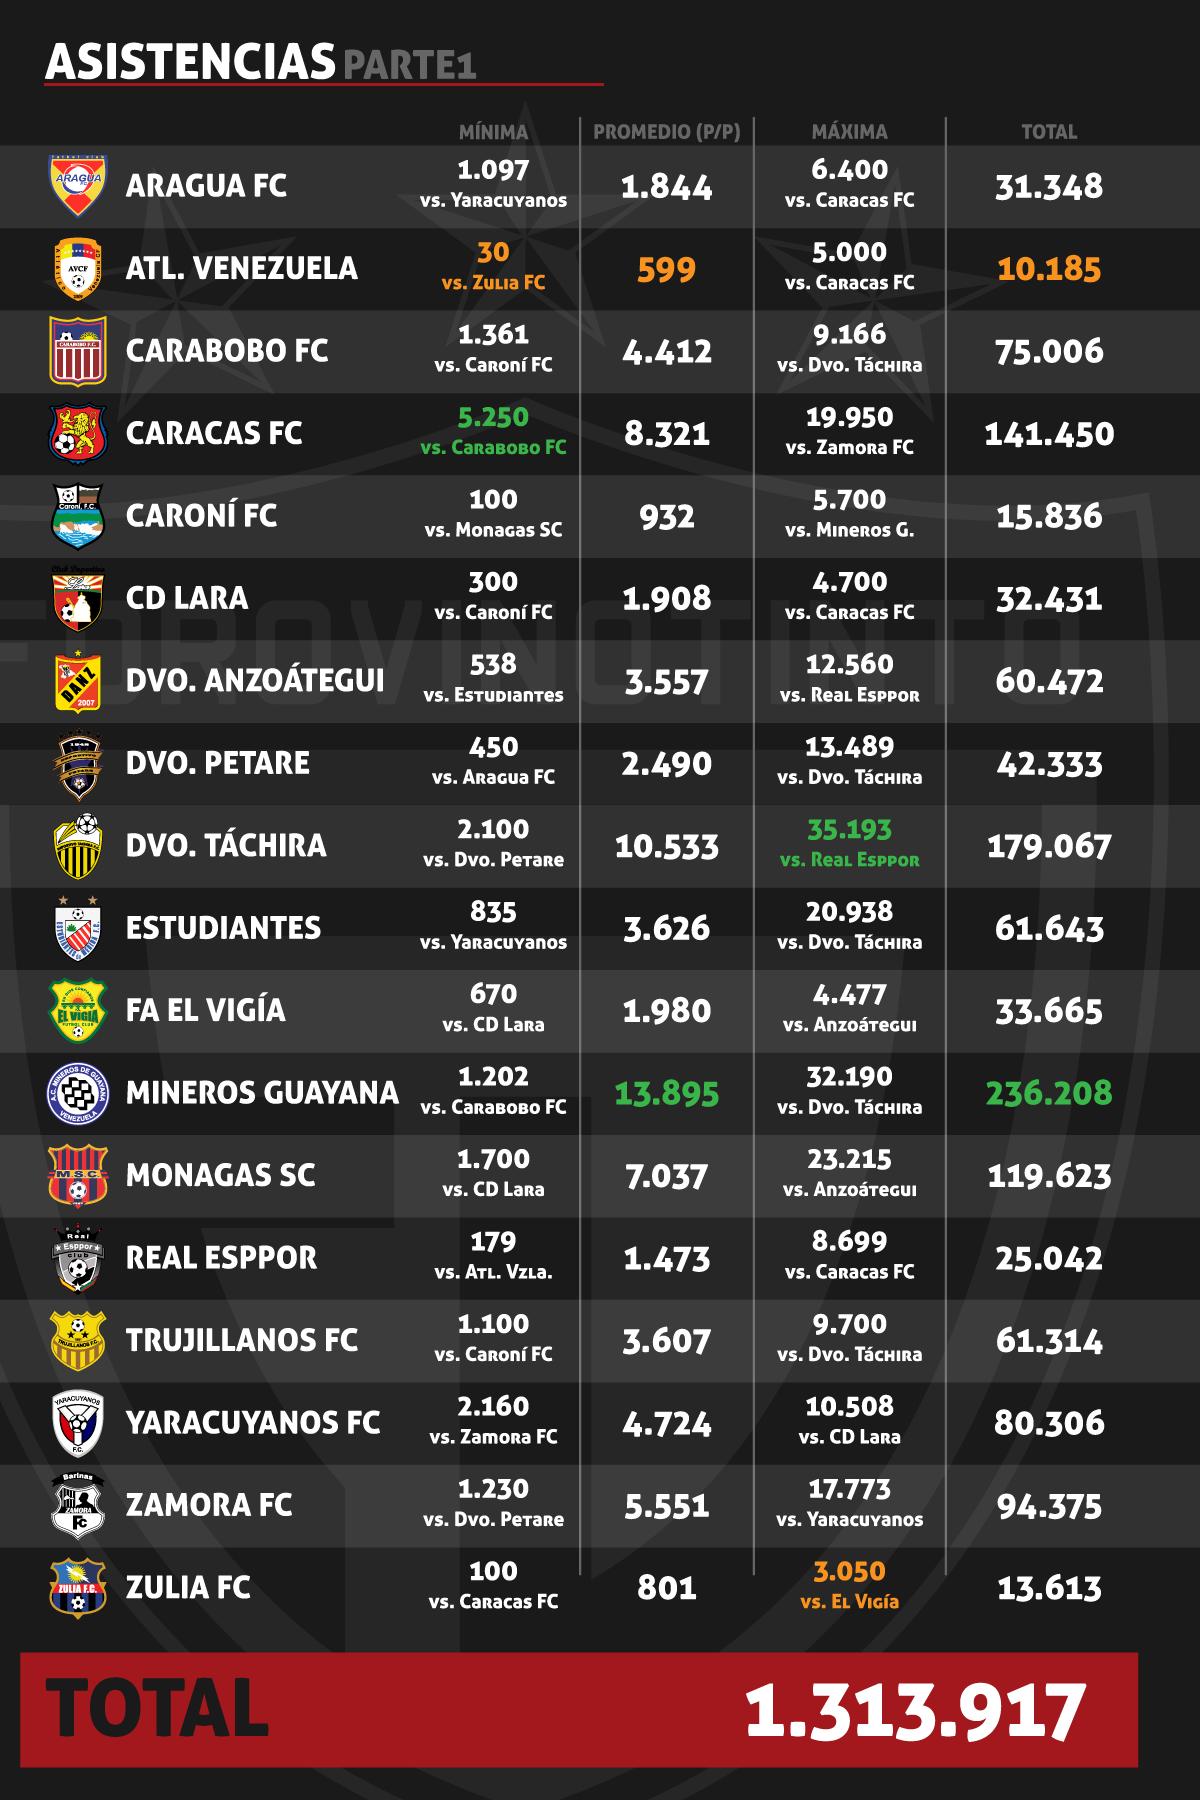 Estadísticas Temporada 2010/11 Asistencias1